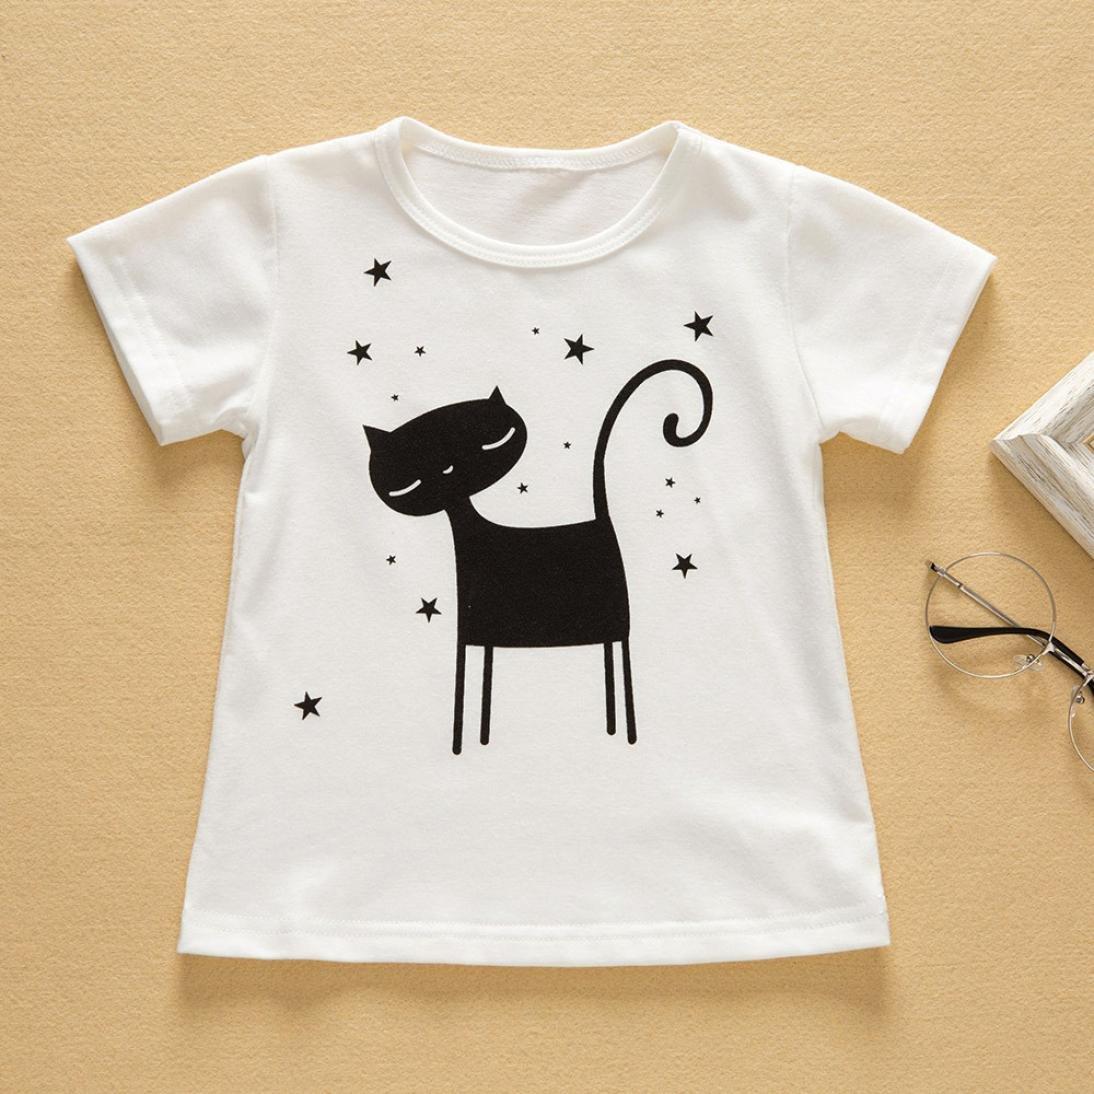 MALLOOM 2pcs Toddler Baby Girls Clothes Set Cartoon Cat Tops T-Shirt+Skirt Summer Outfits